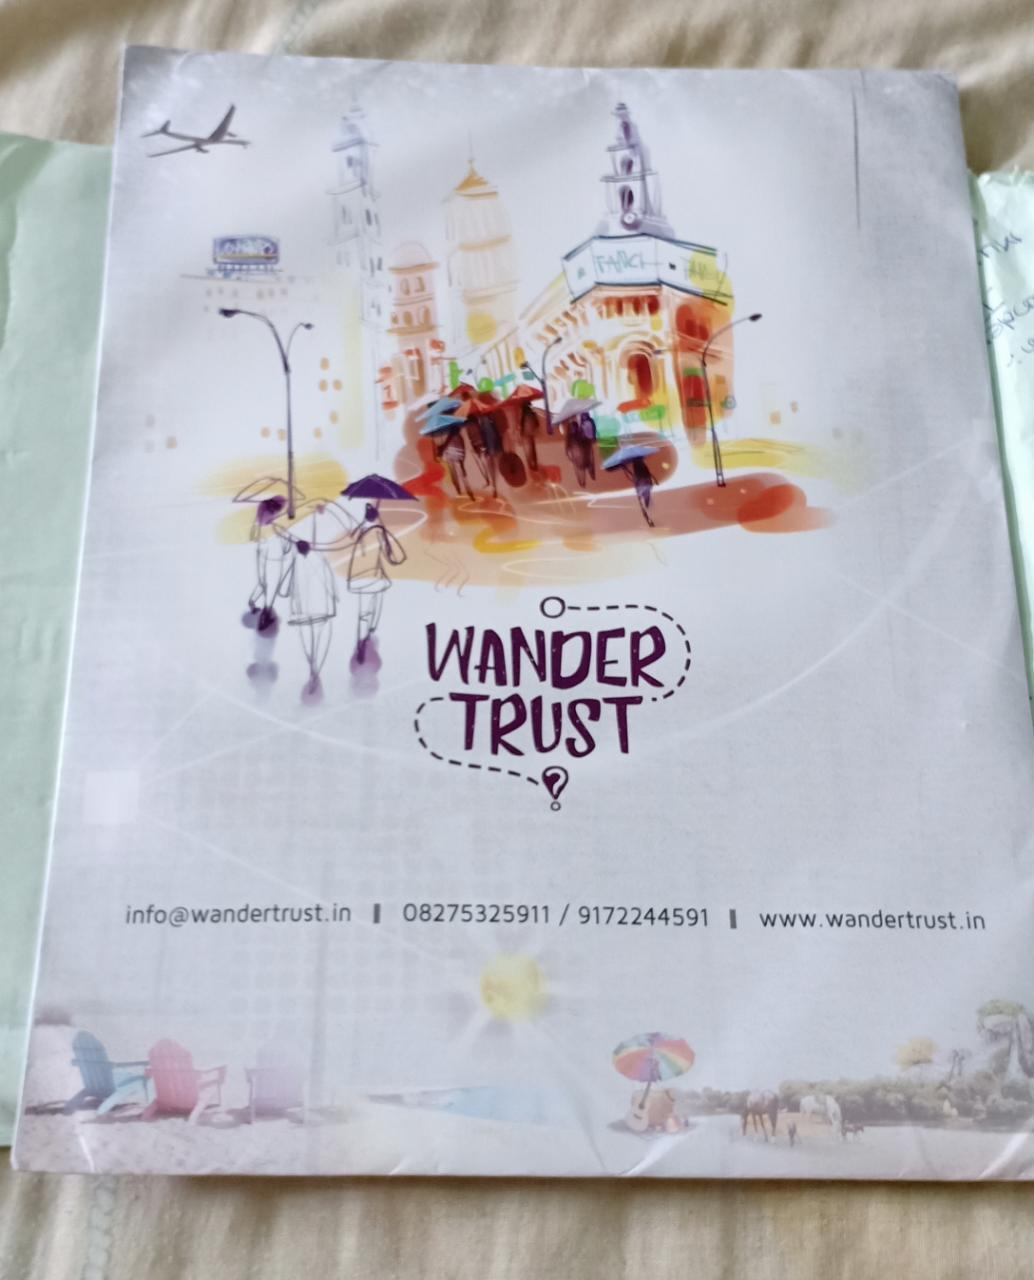 trip | WanderTrust